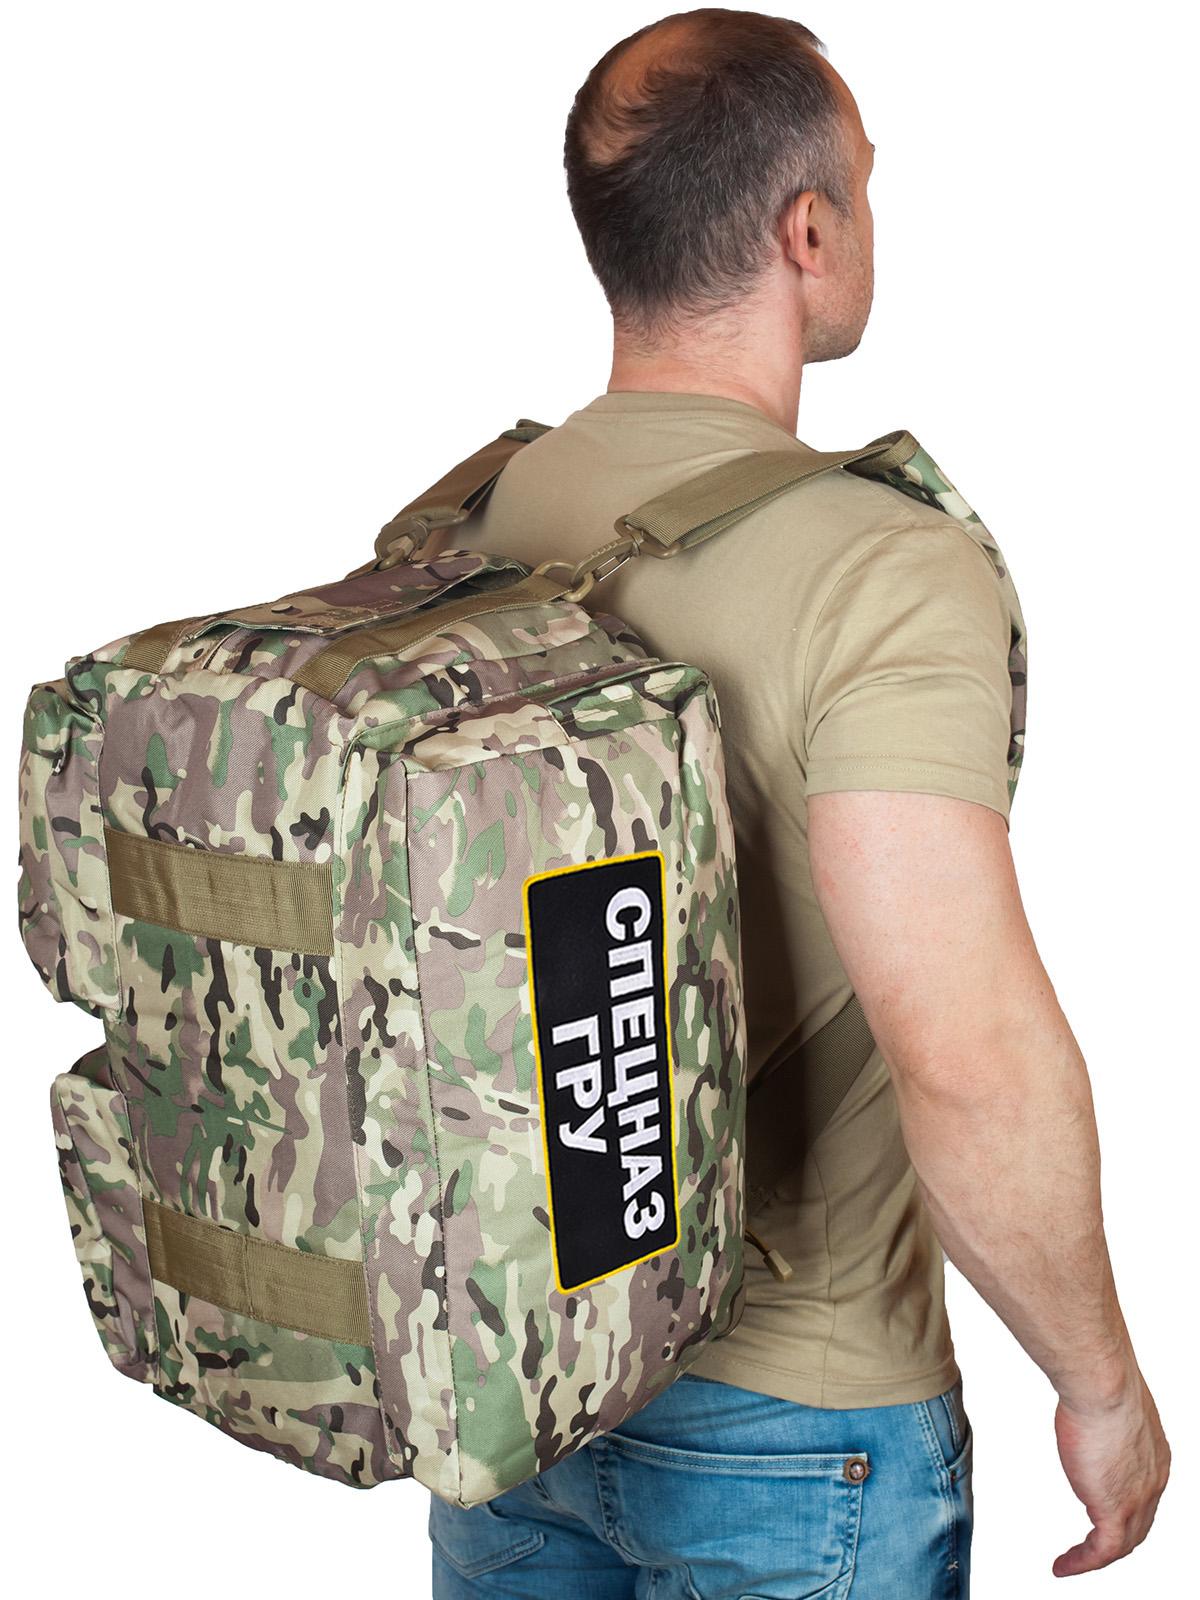 Тактическое снаряжение Спецназа ГРУ в общем доступе – камуфляжная сумка-рюкзак.